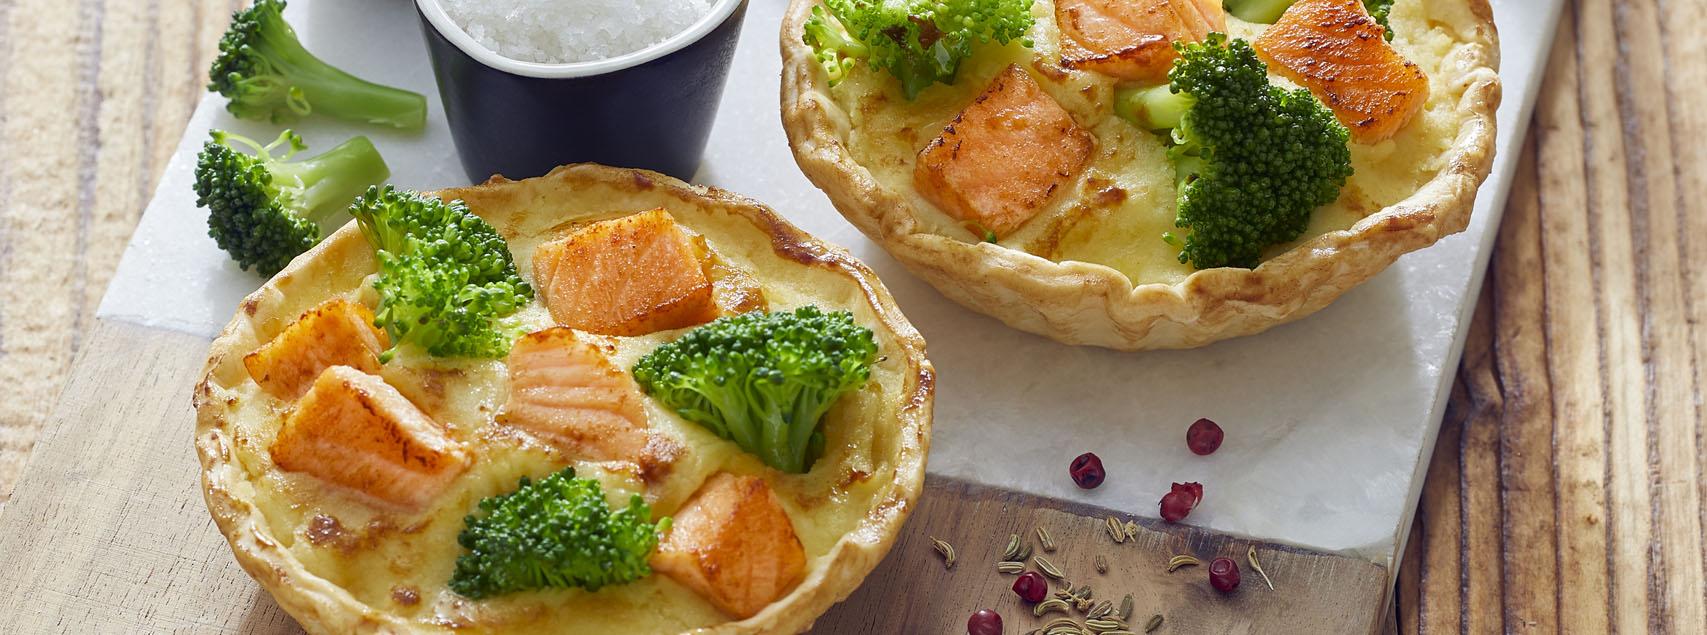 Quiche saumon – brocoli